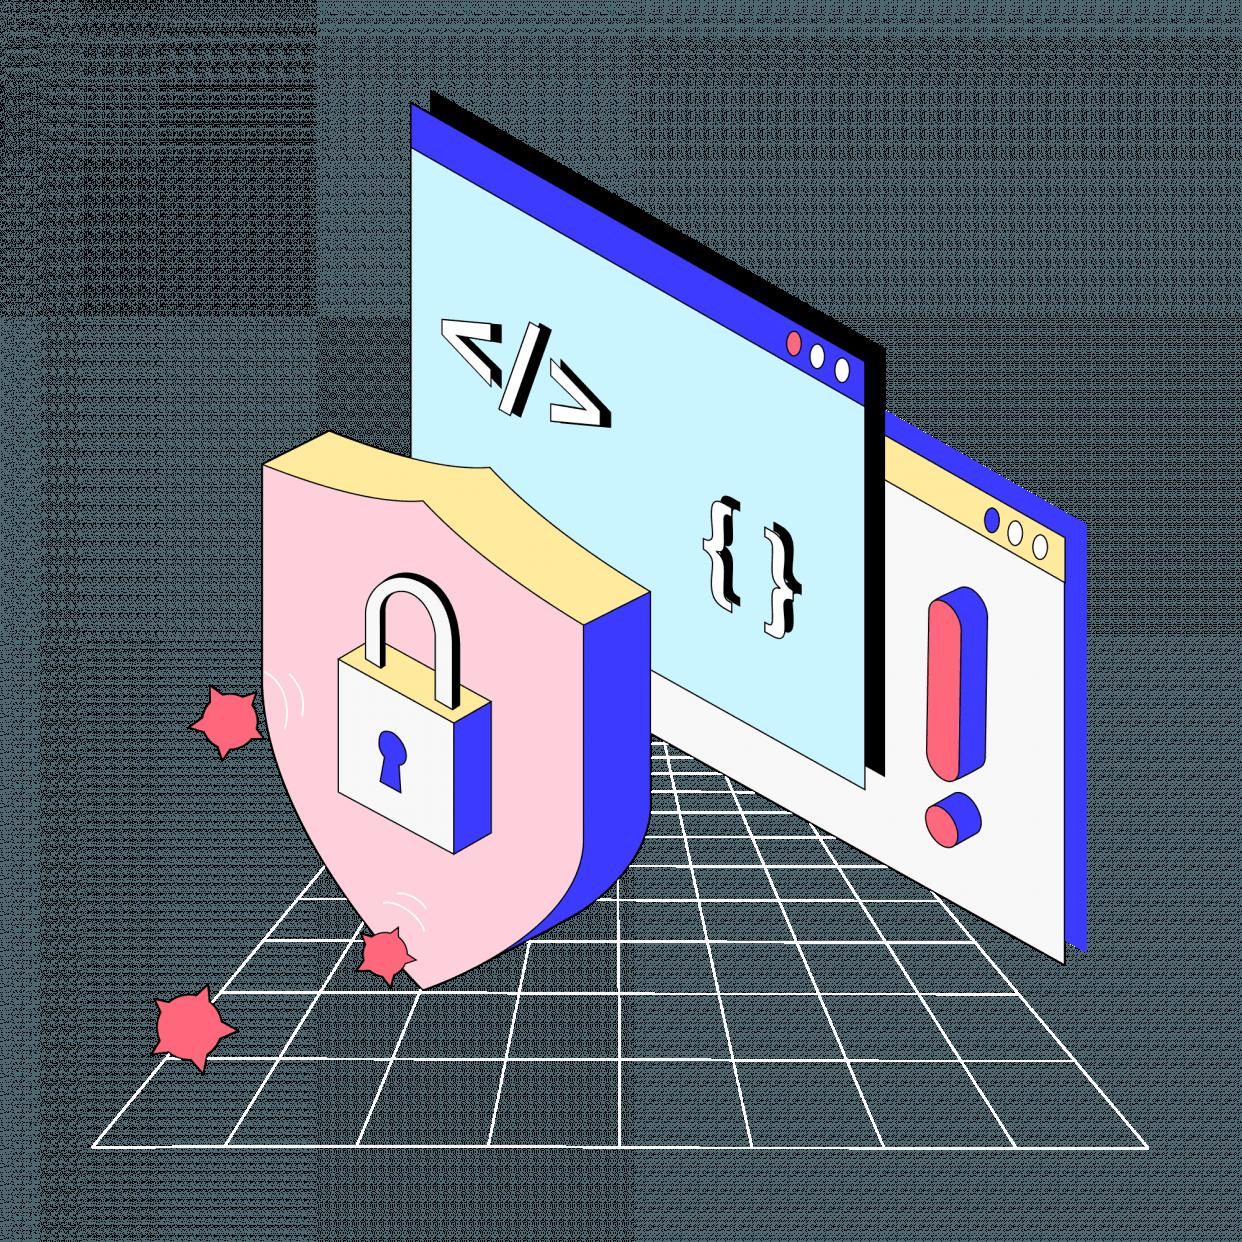 Курс «Специалист по кибербезопасности» от Skillbox